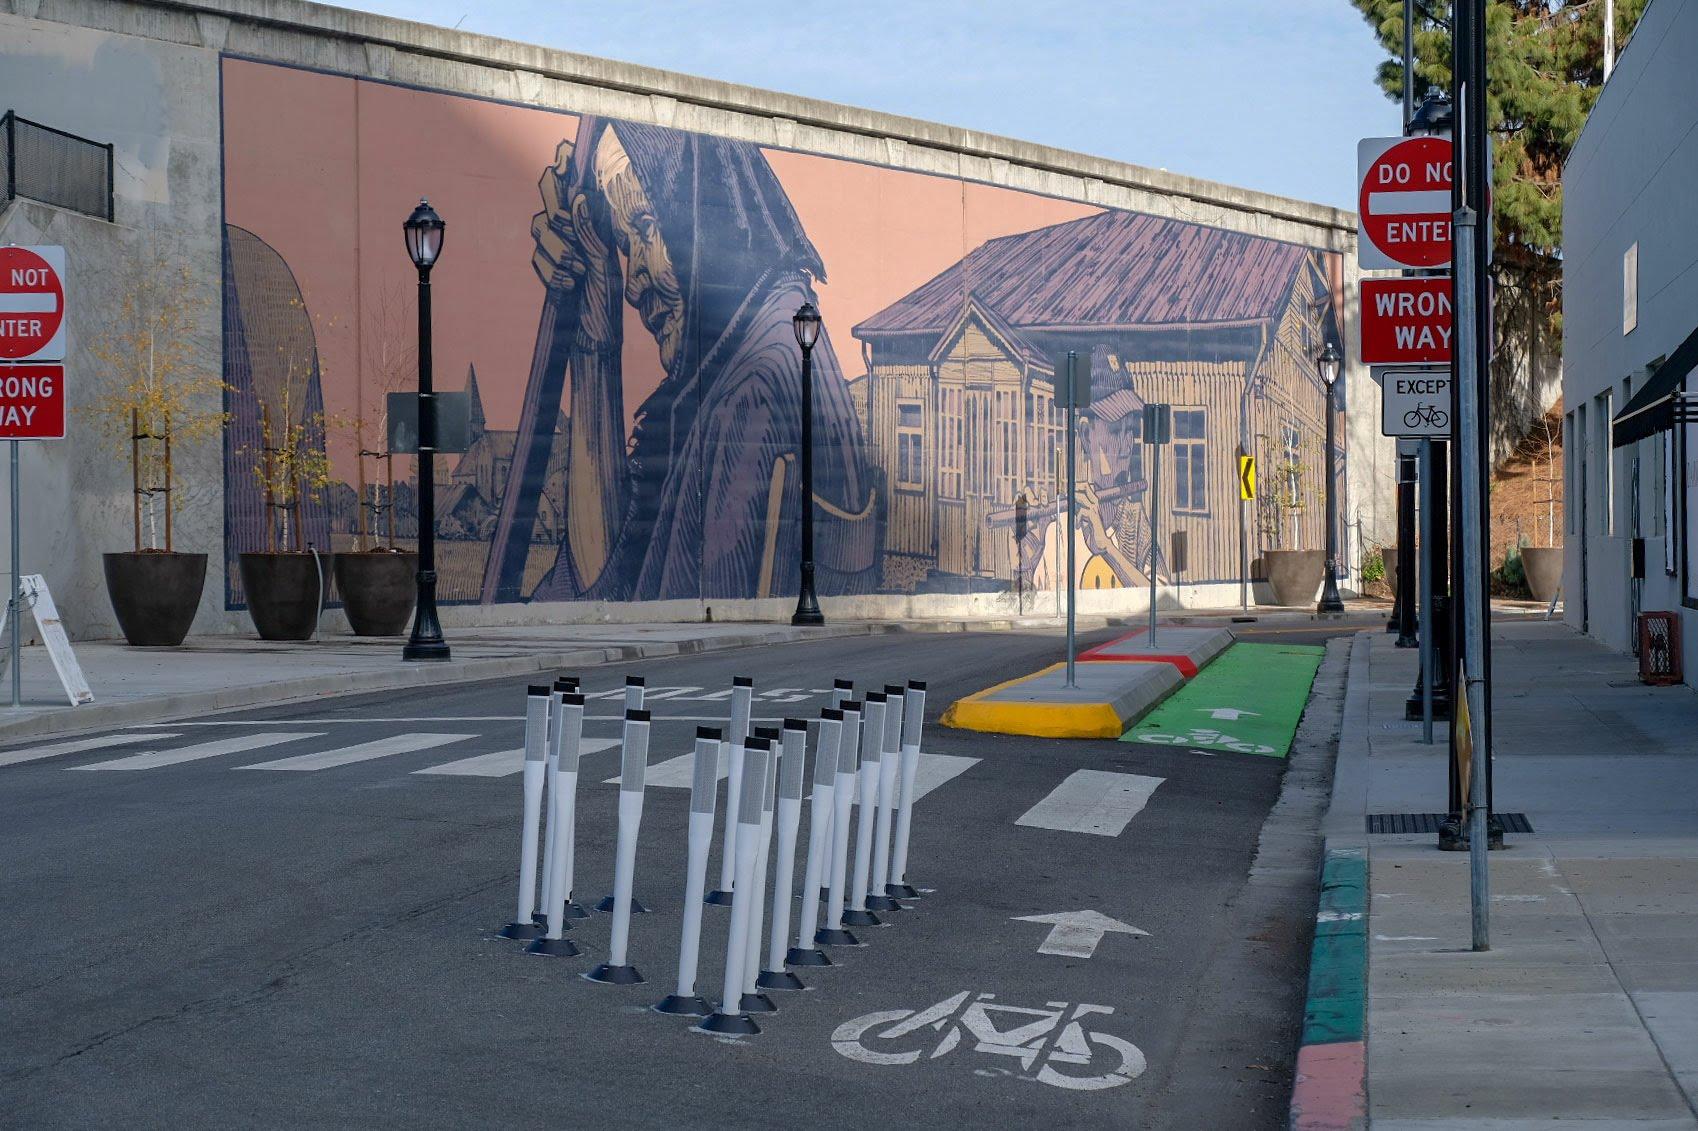 SGross_San Joses_Mural.jpeg